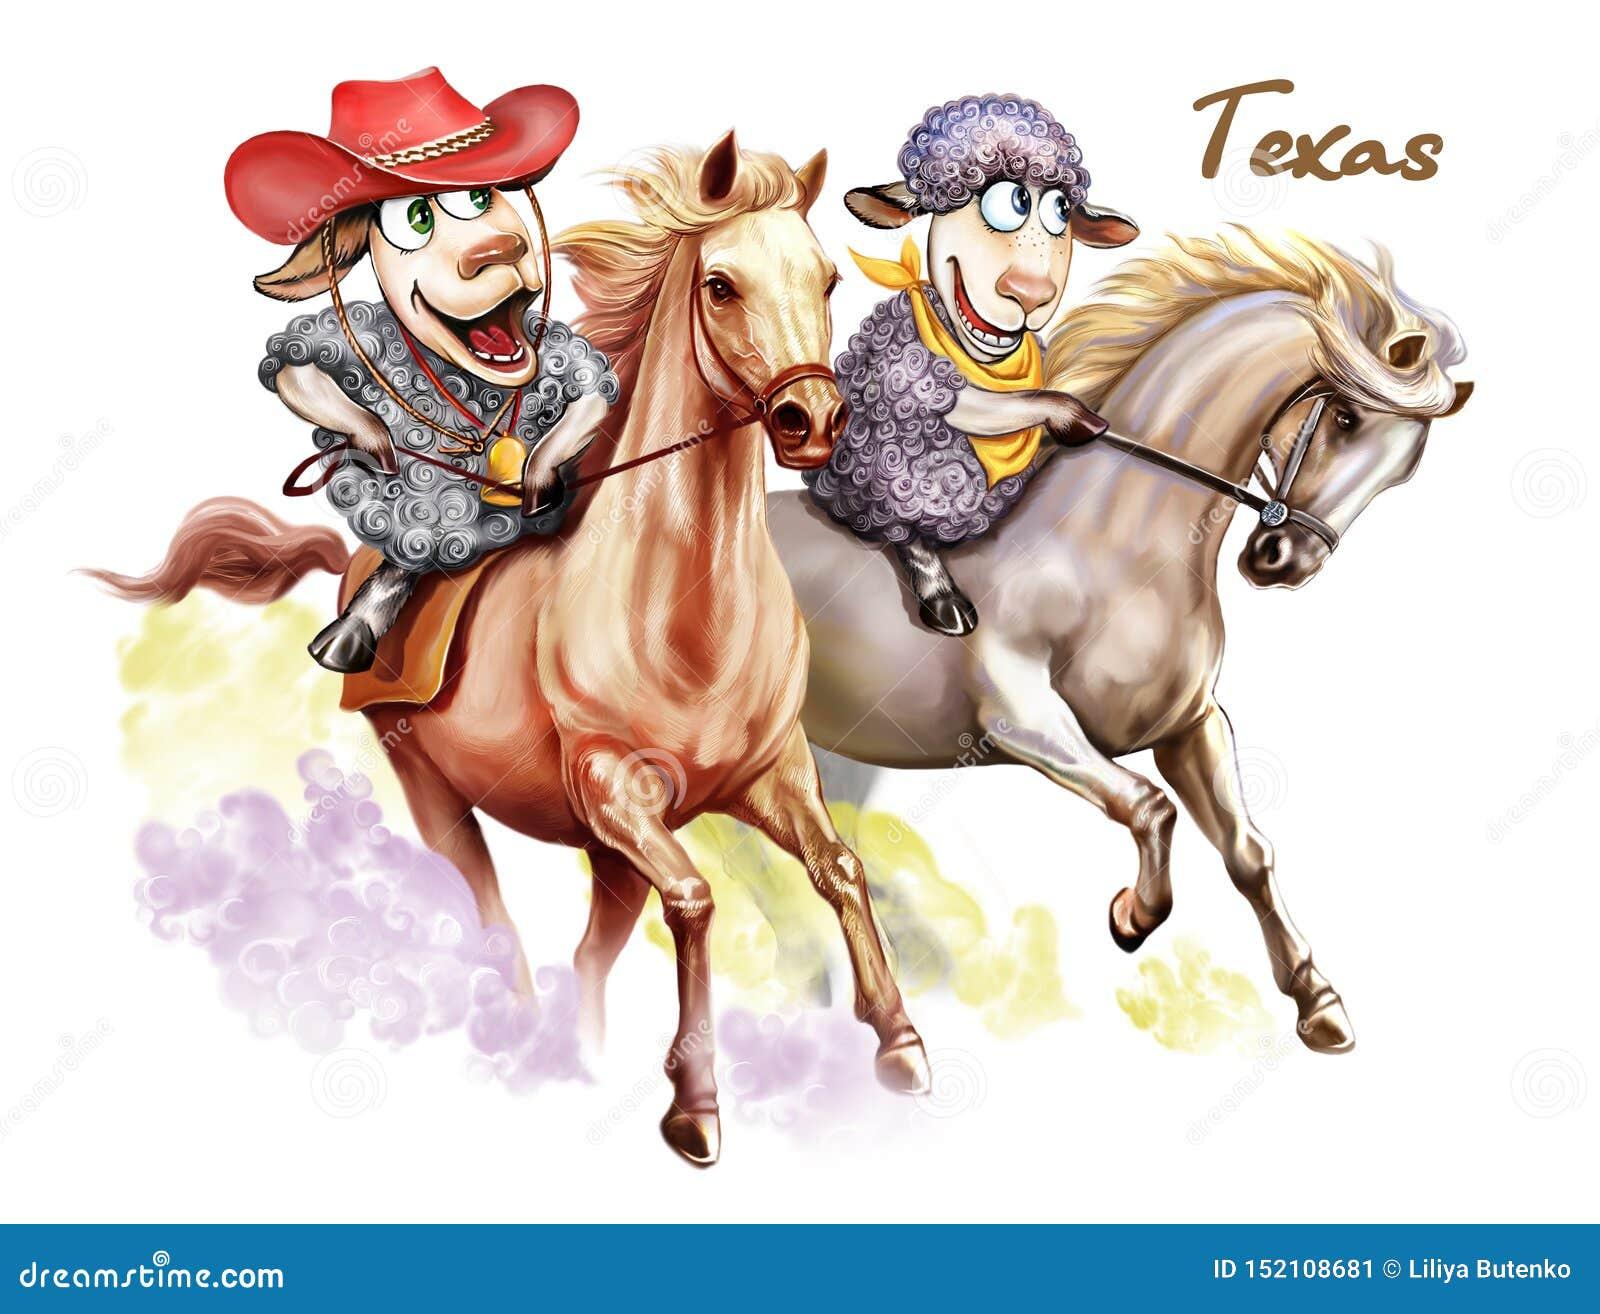 Dois carneiros estão viajando através de Texas